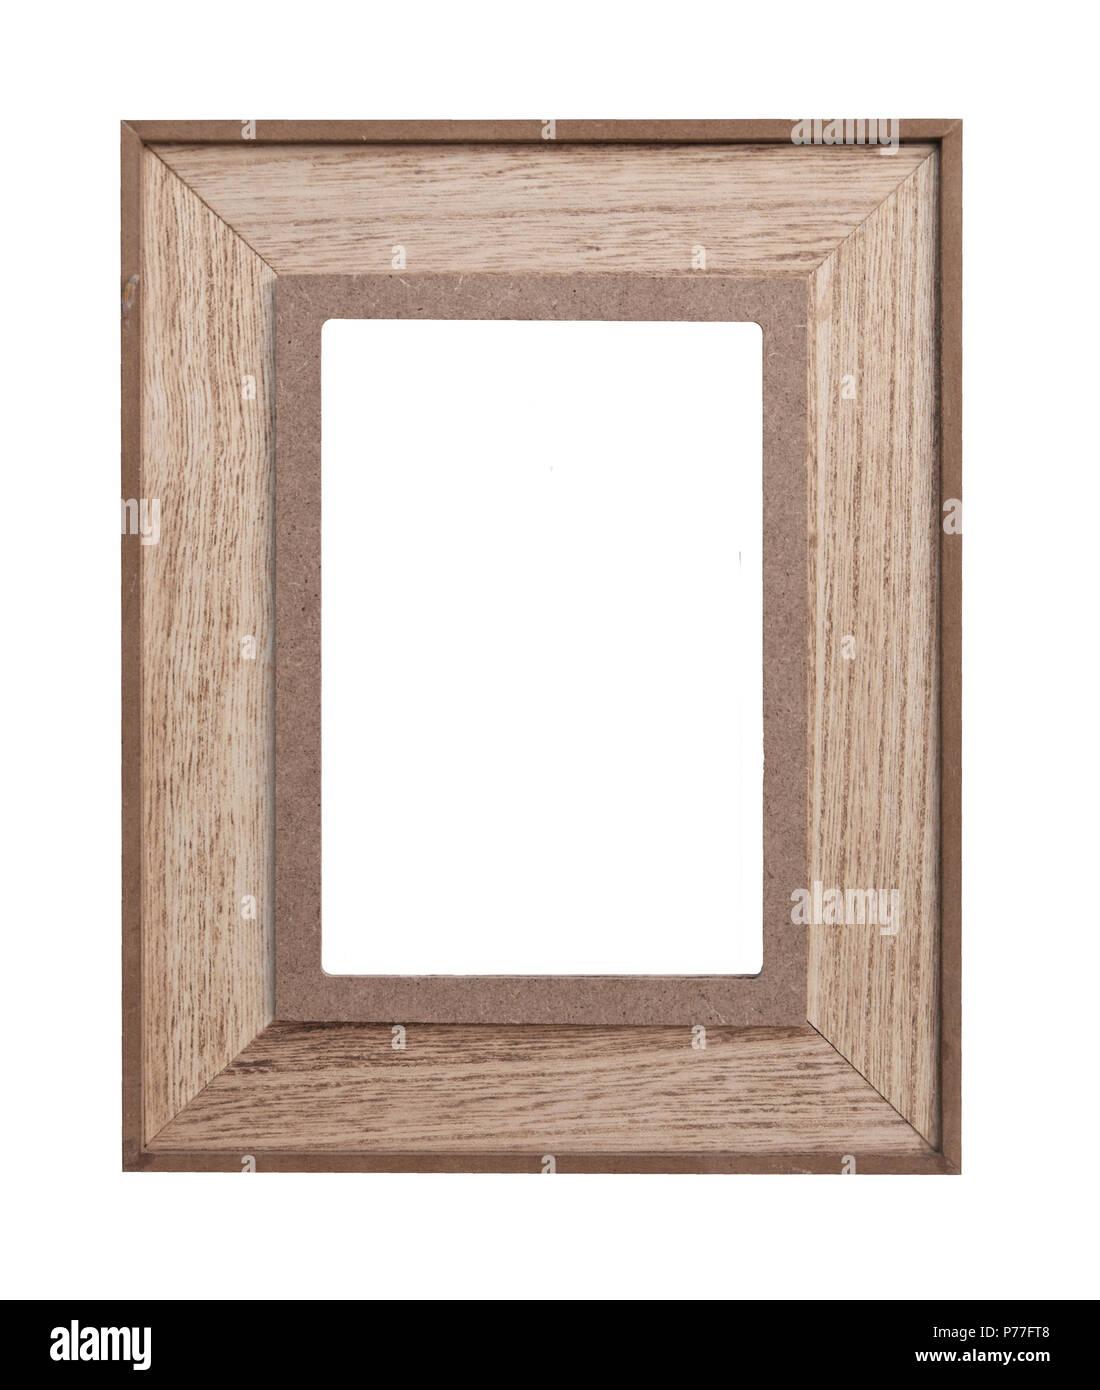 Holz Bilderrahmen auf weißem Hintergrund - vintage Bilderrahmen Holz ...